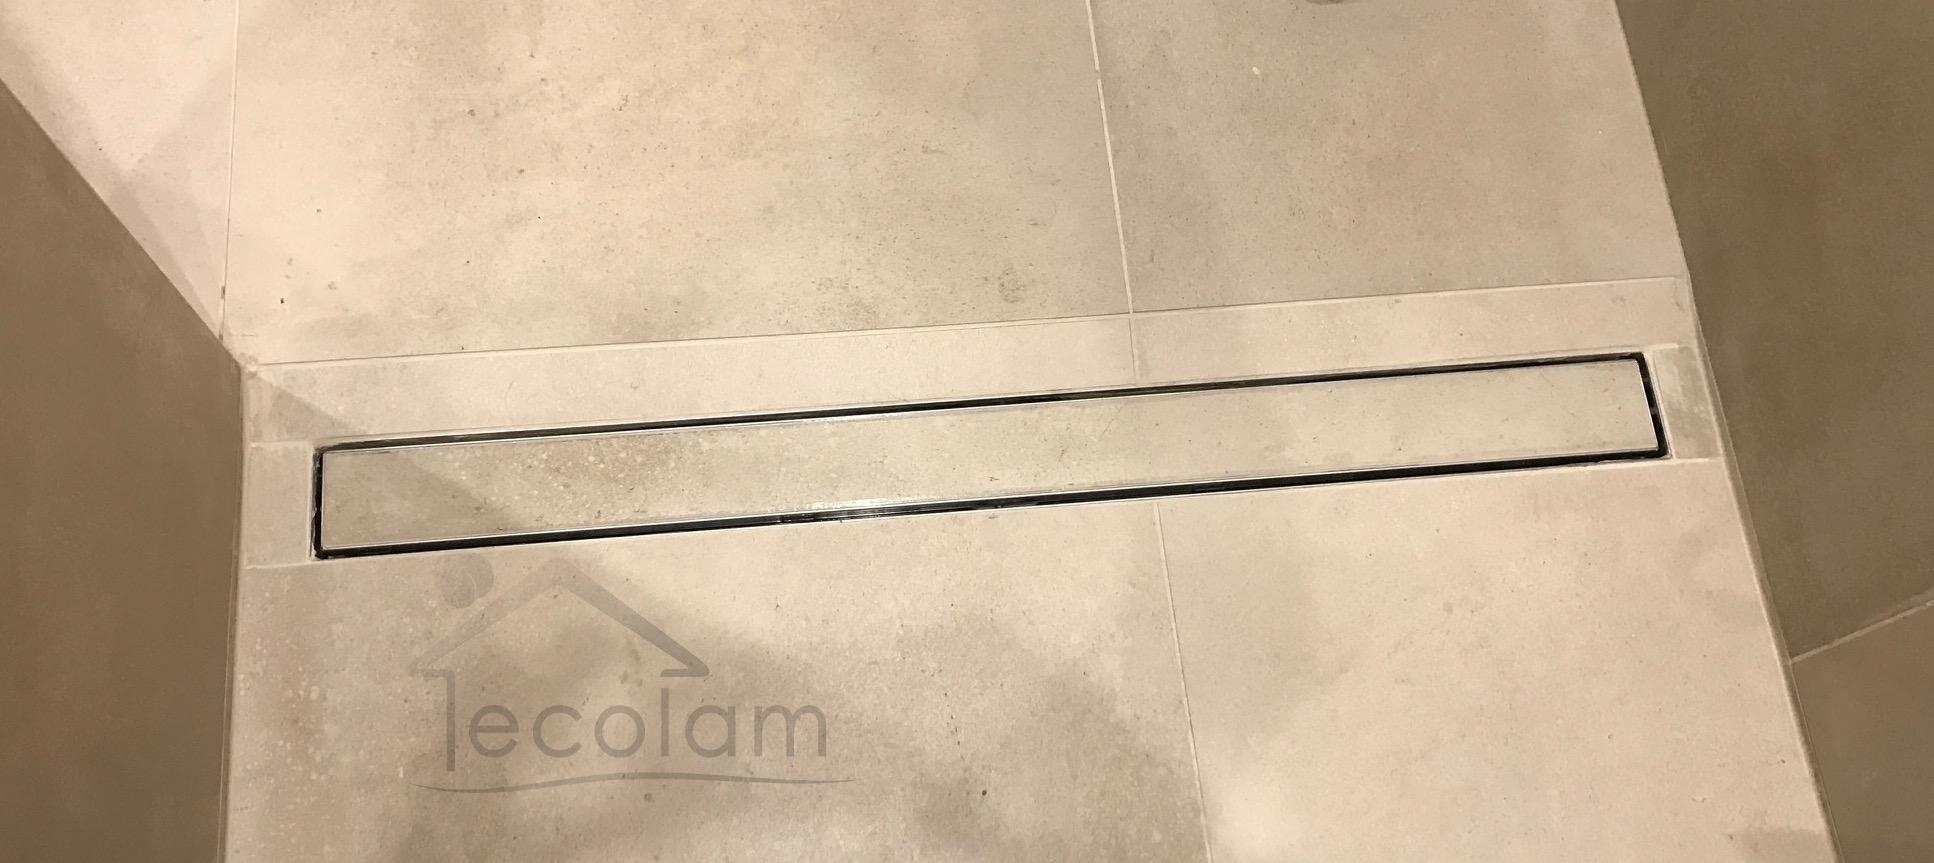 duschrinne edelstahl ablaufrinne bodenablauf rinne dusche befliesbar 90 cm cedor. Black Bedroom Furniture Sets. Home Design Ideas